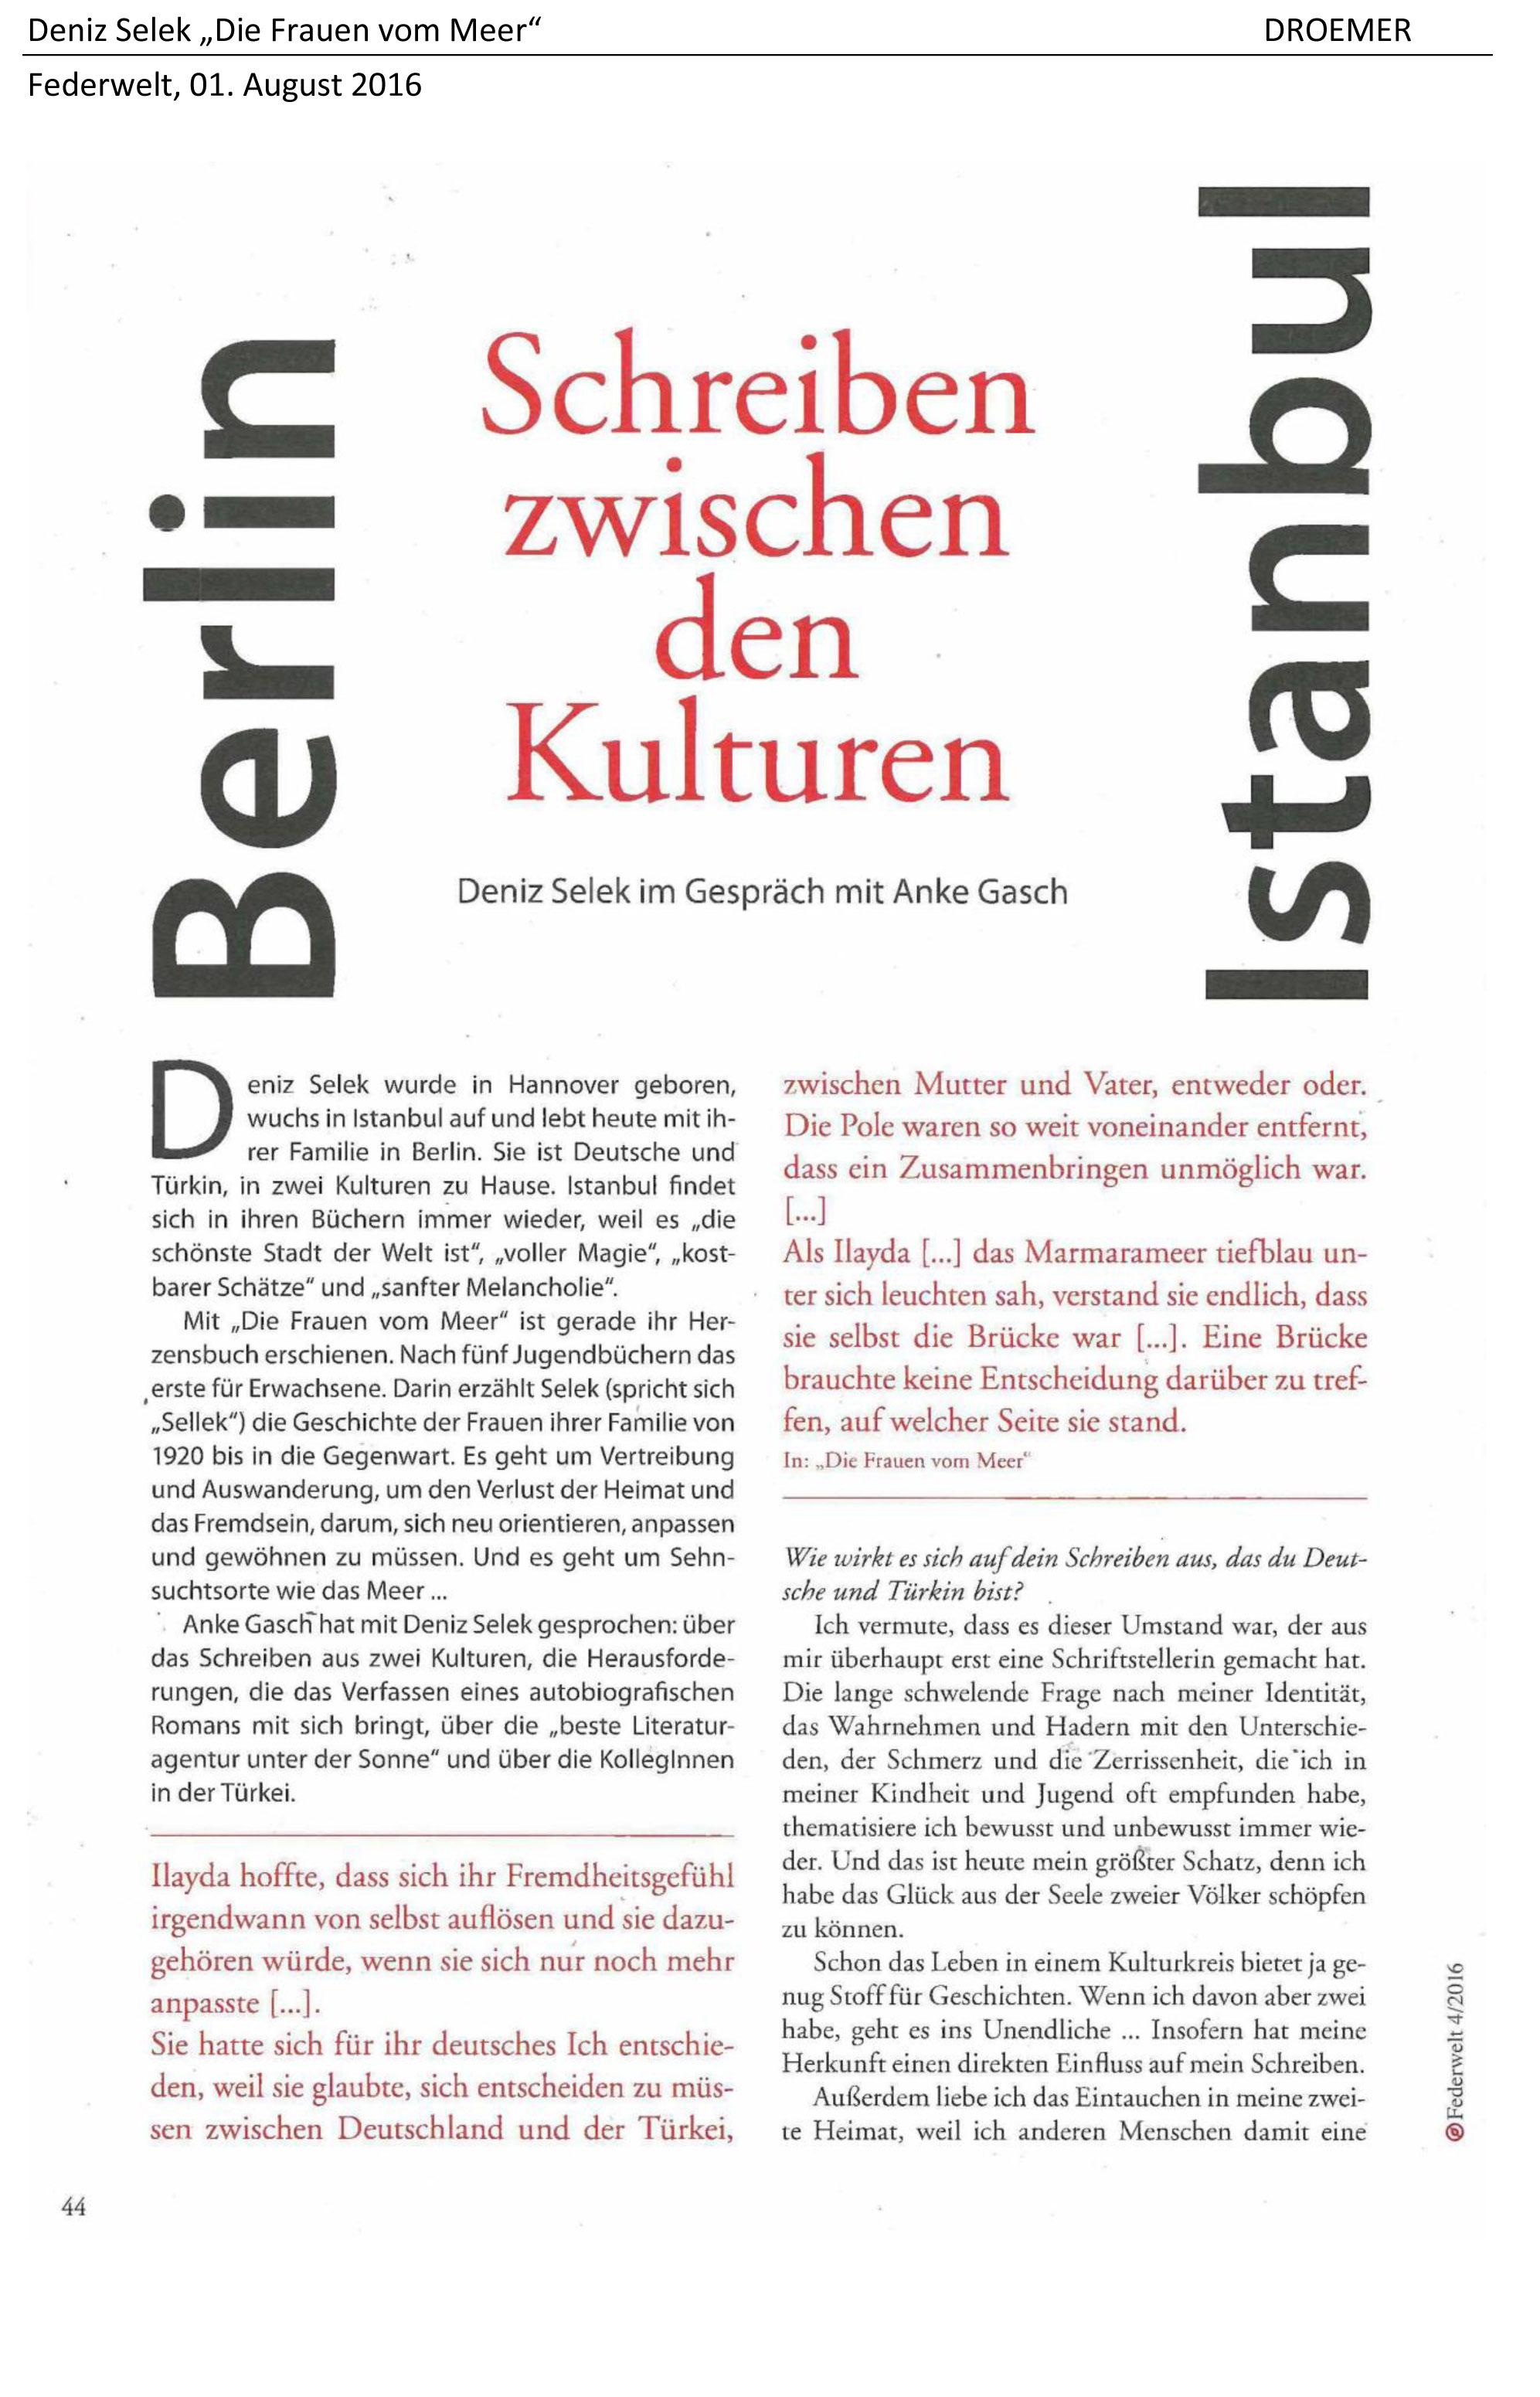 November 2017 - Interview mit Katis Buecherwelt - Deniz Selek,  Schriftstellerin